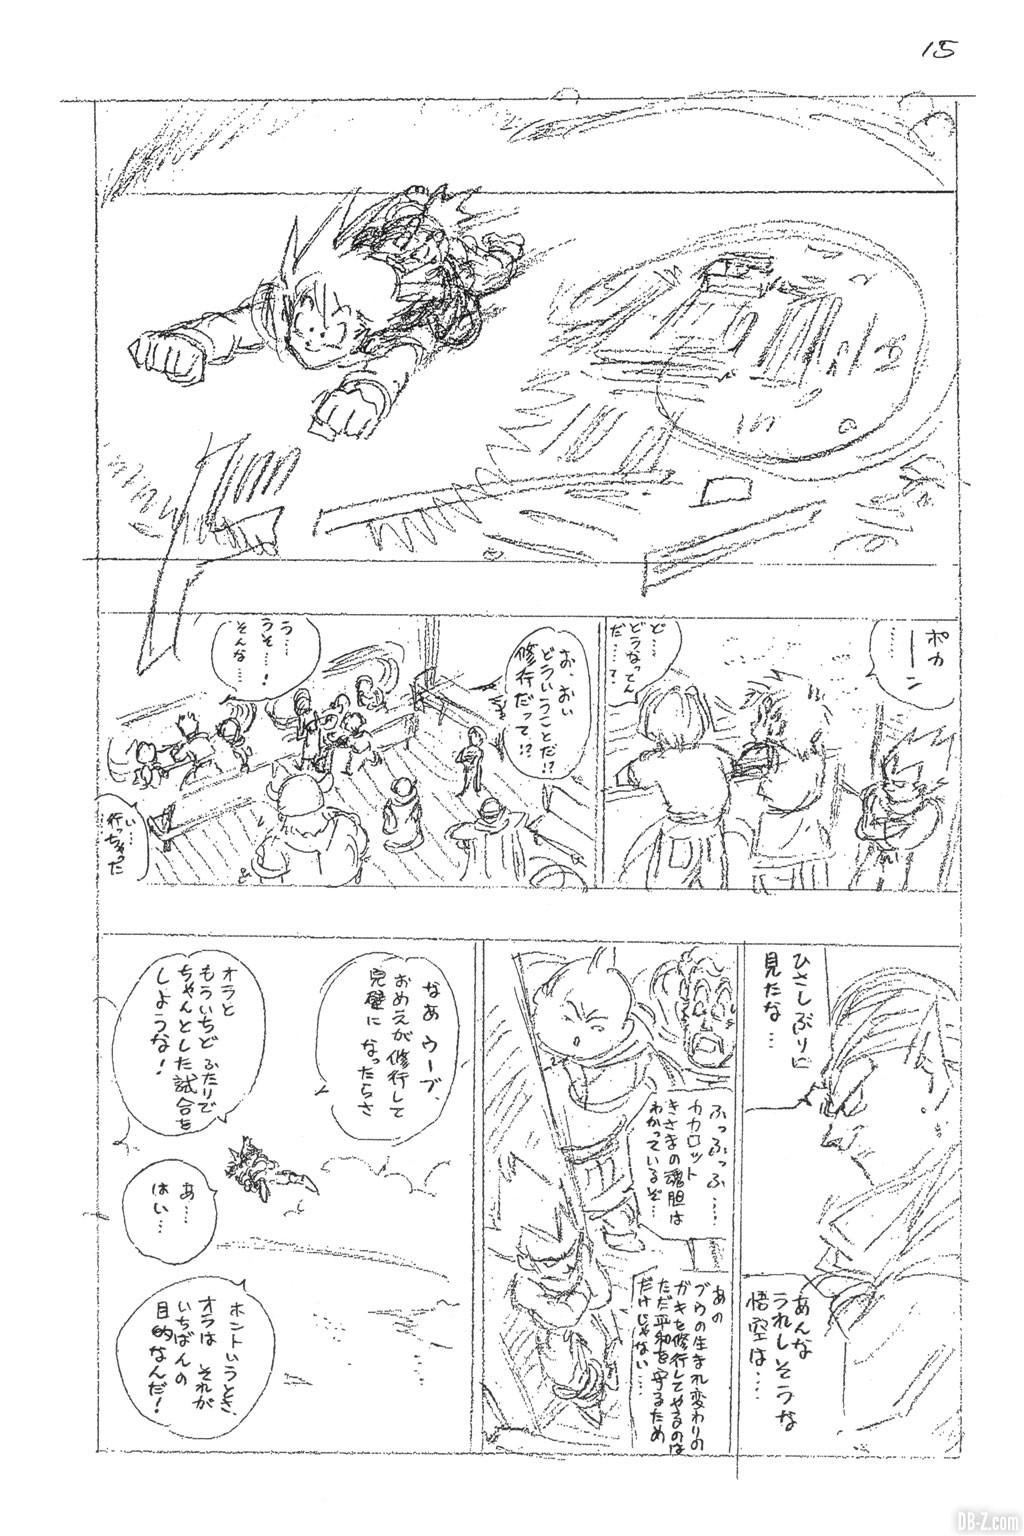 Brouillon Akira Toriyama Dernier Chapitre de Dragon Ball Page 17